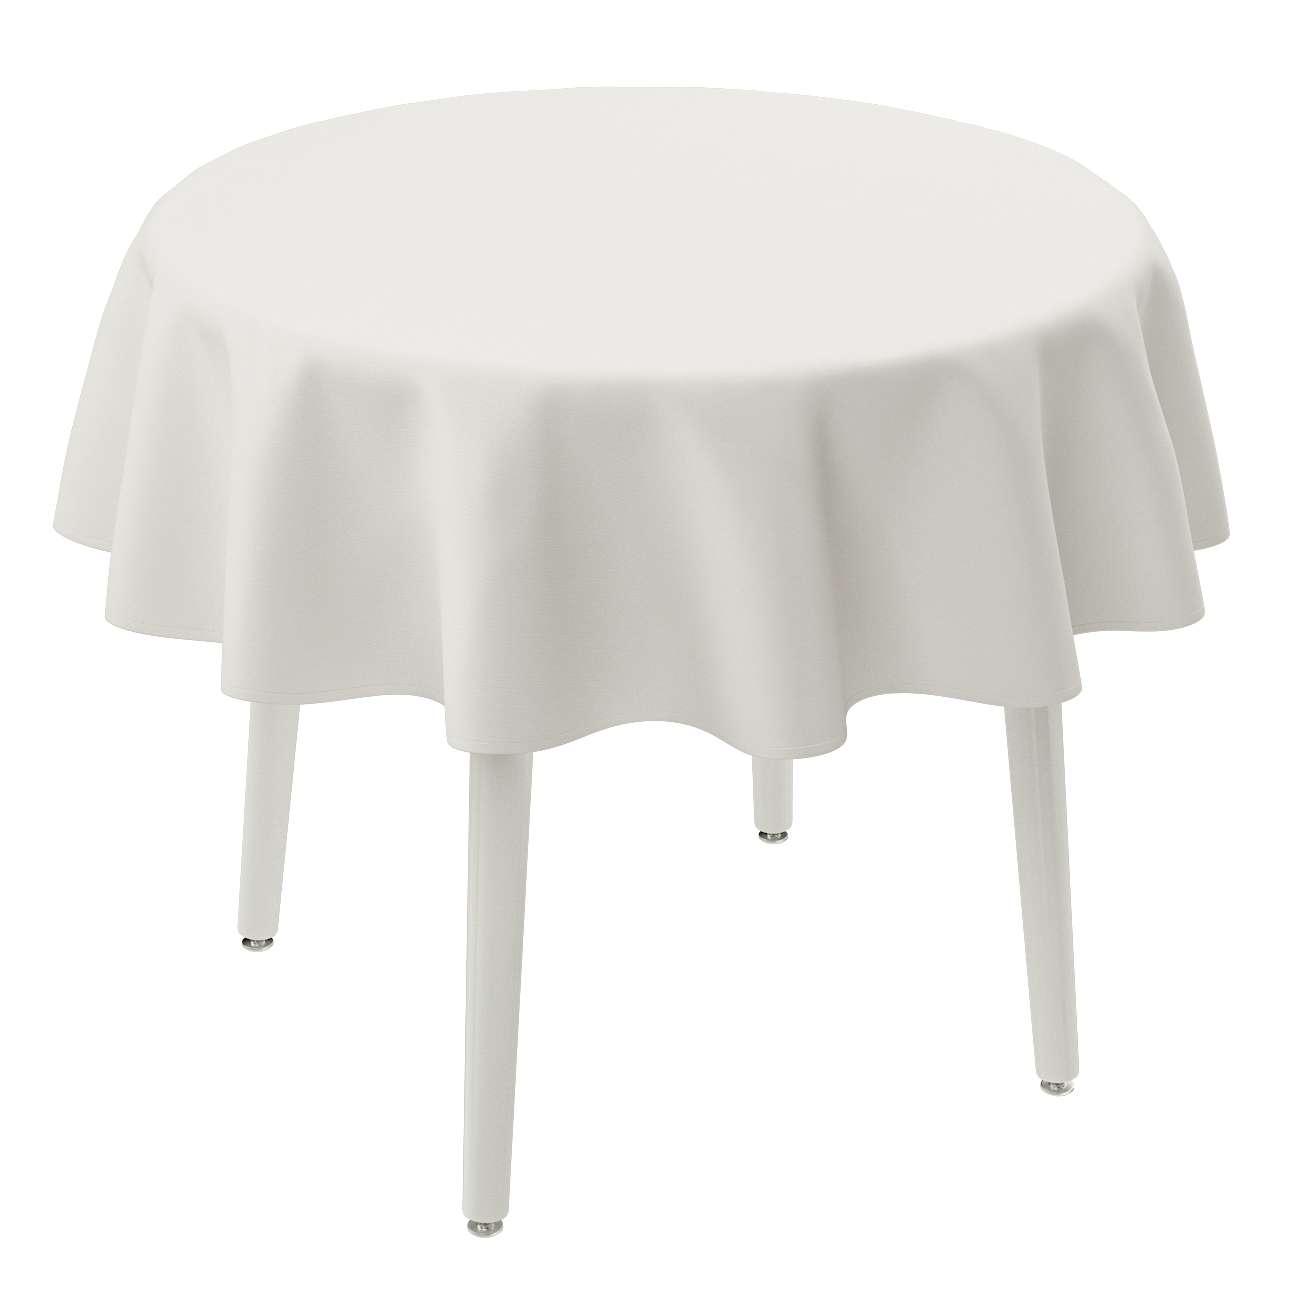 Staltiesės (apvaliam stalui) Ø 135 cm kolekcijoje Cotton Panama, audinys: 702-34